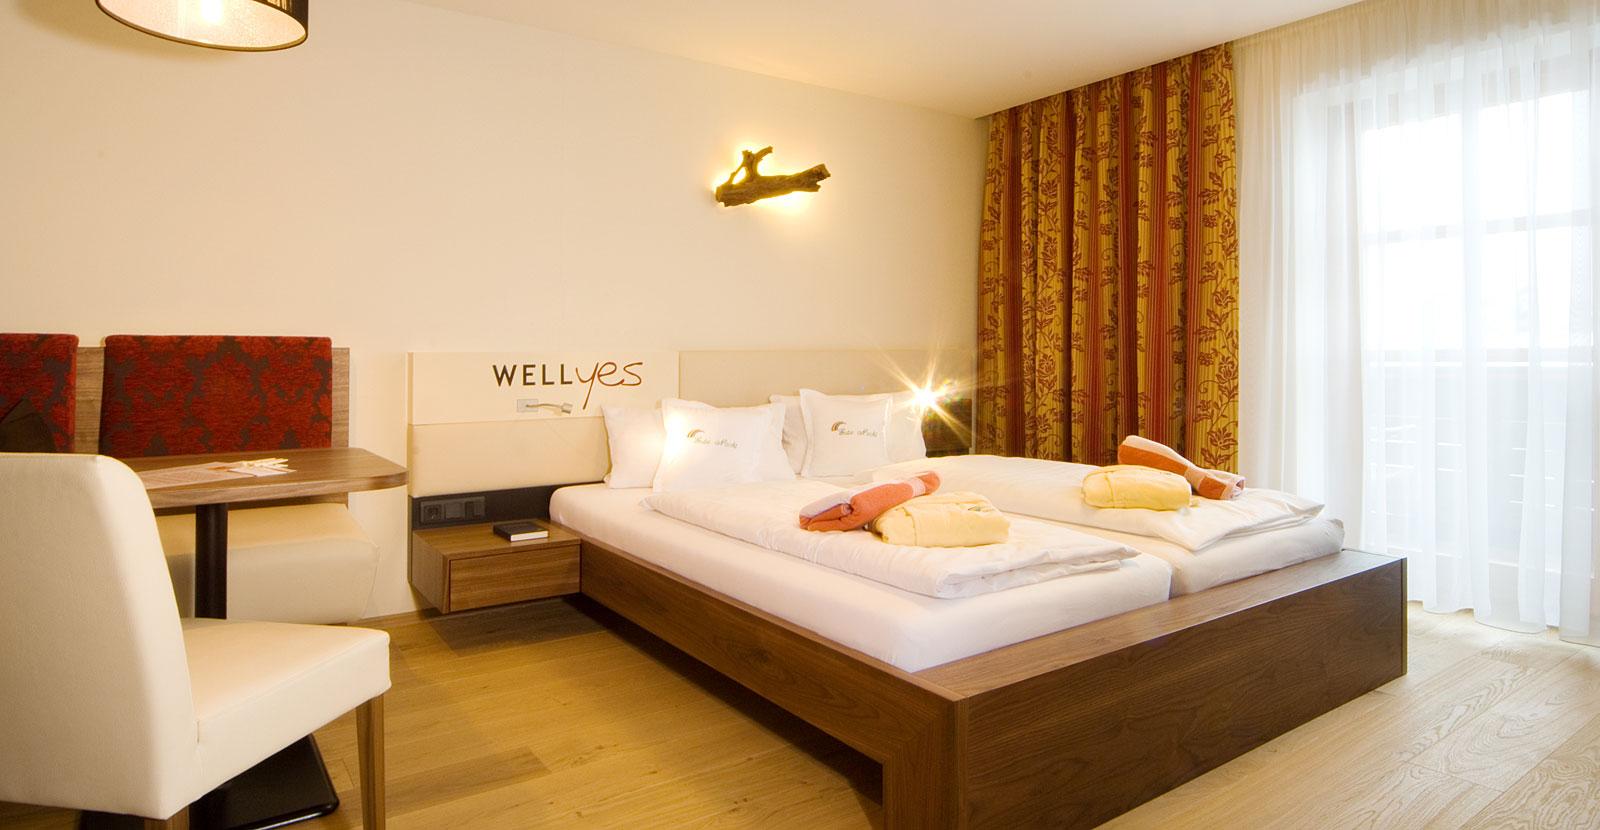 Wellnesshotel Kramerwirt im Bayerischen Wald - Zimmer & Suiten